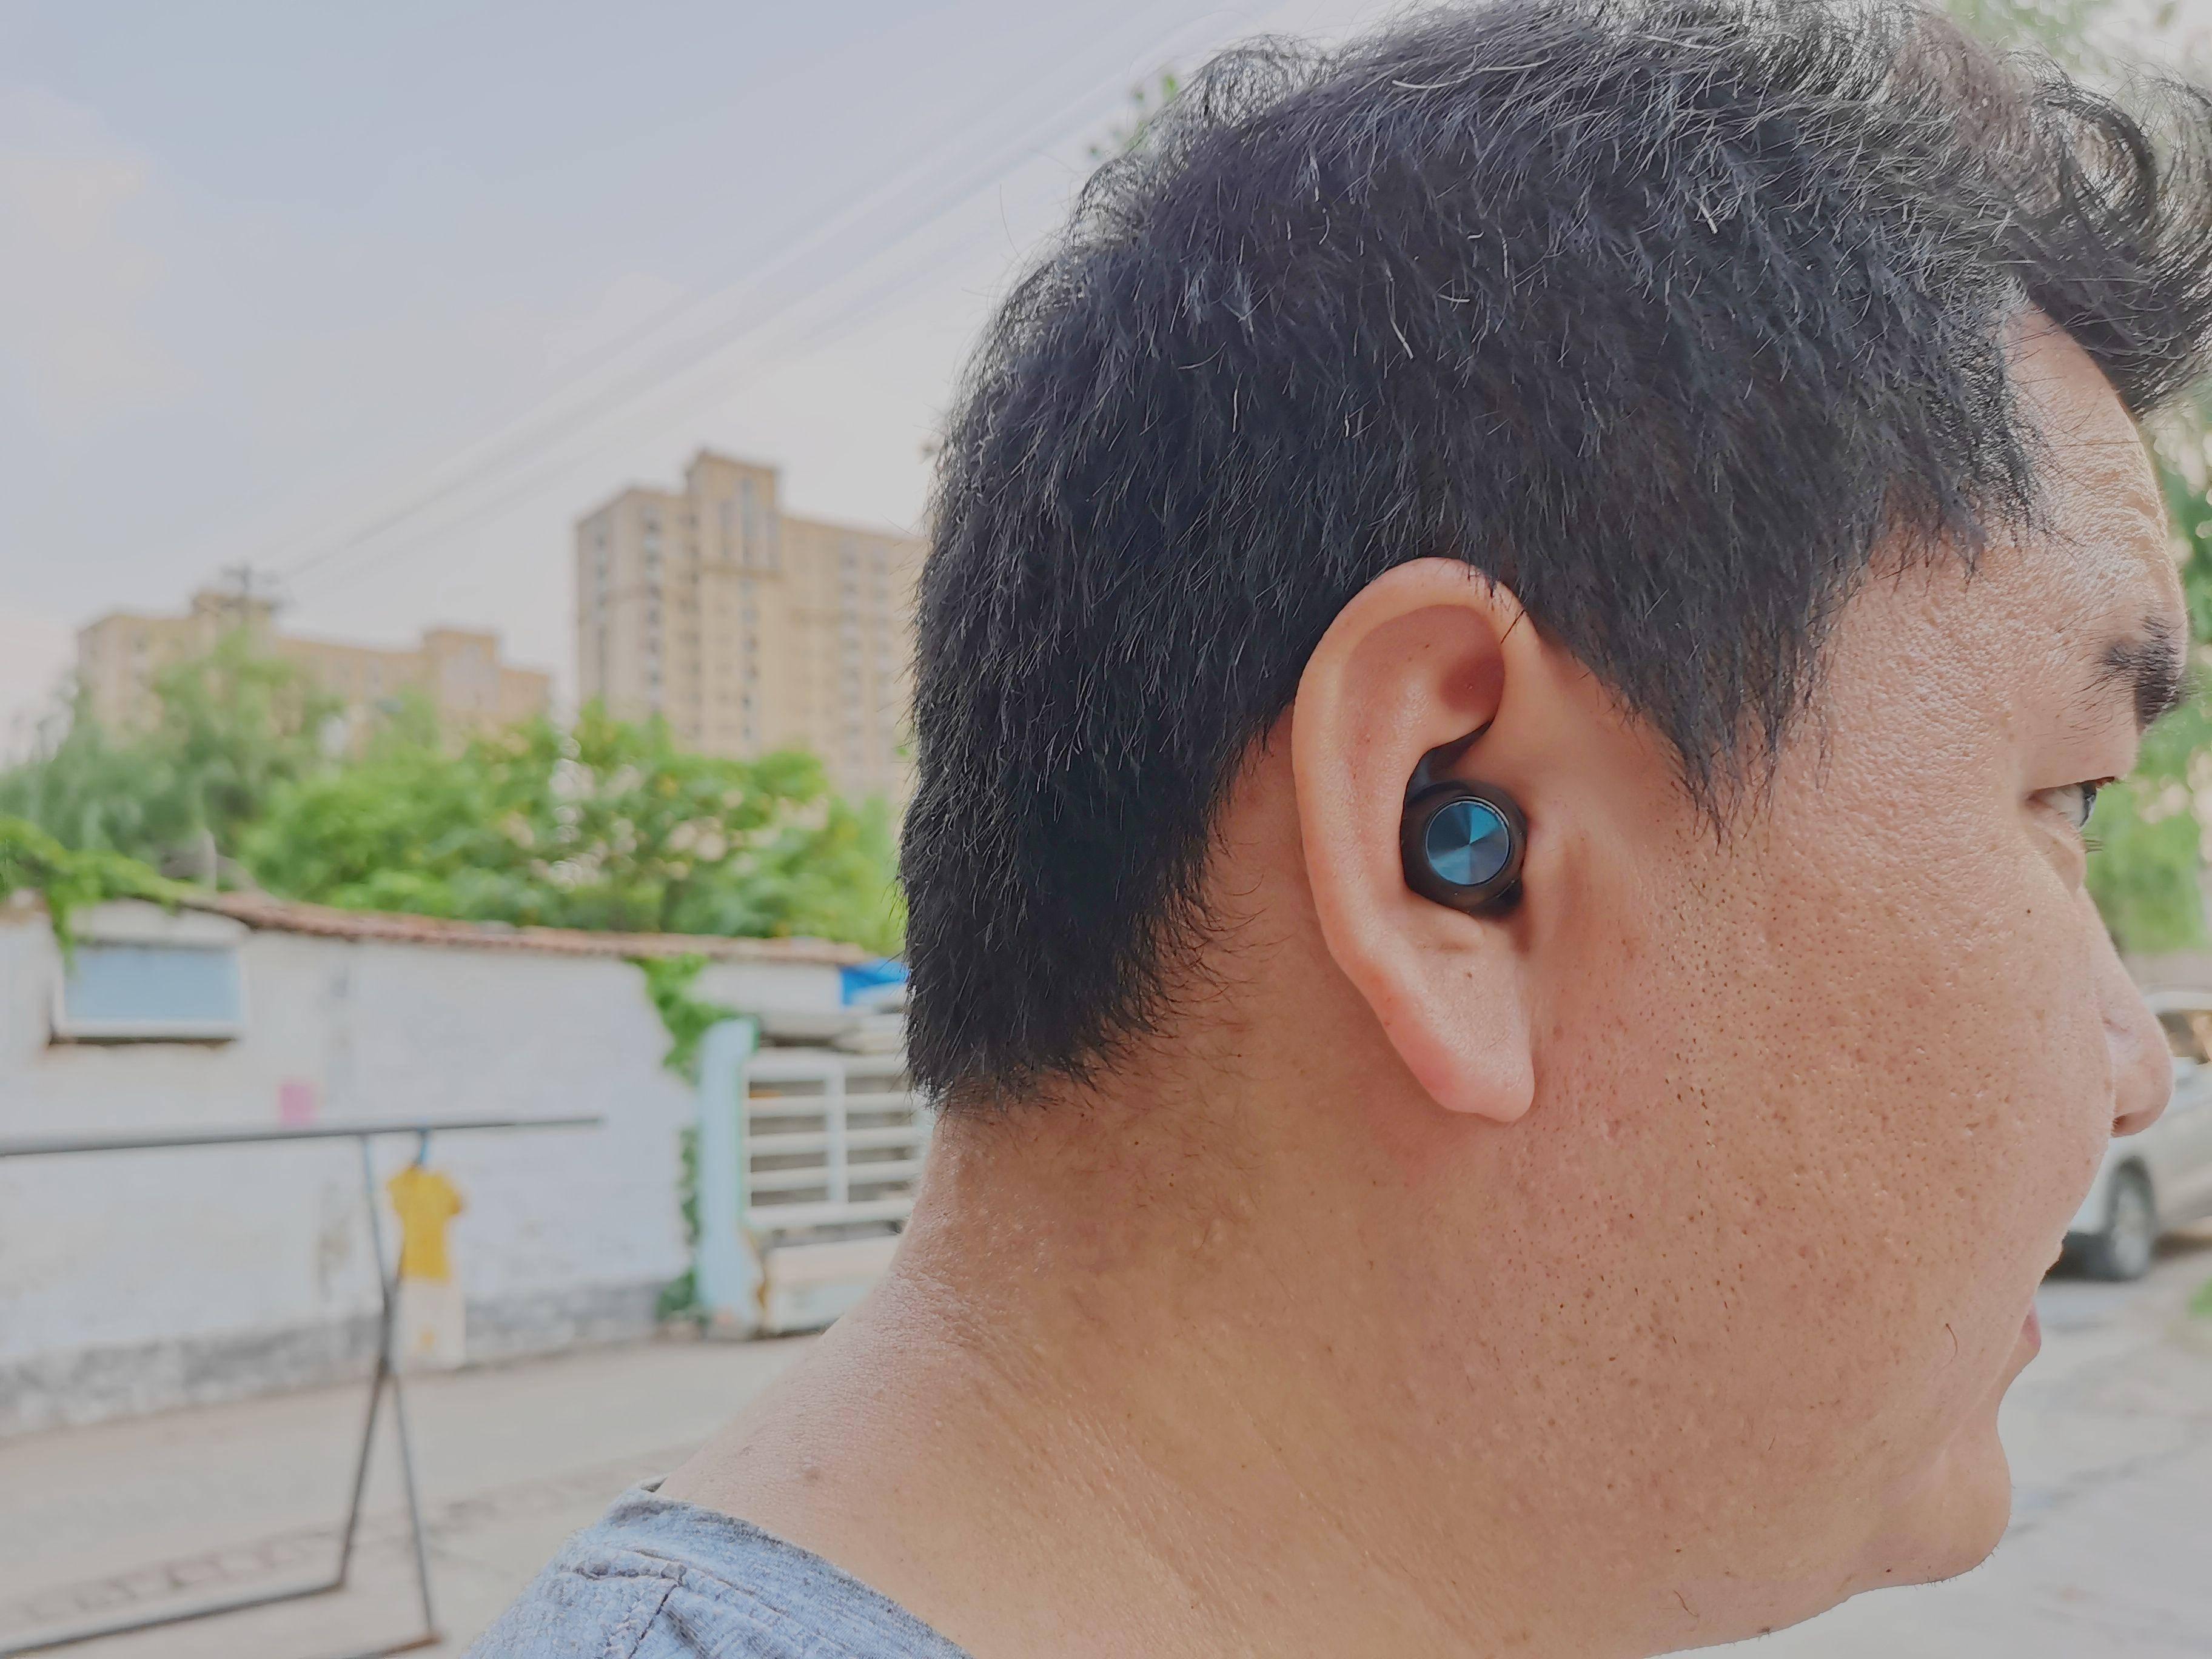 百元也有降噪,西圣Ares战神版真无线蓝牙耳机体验